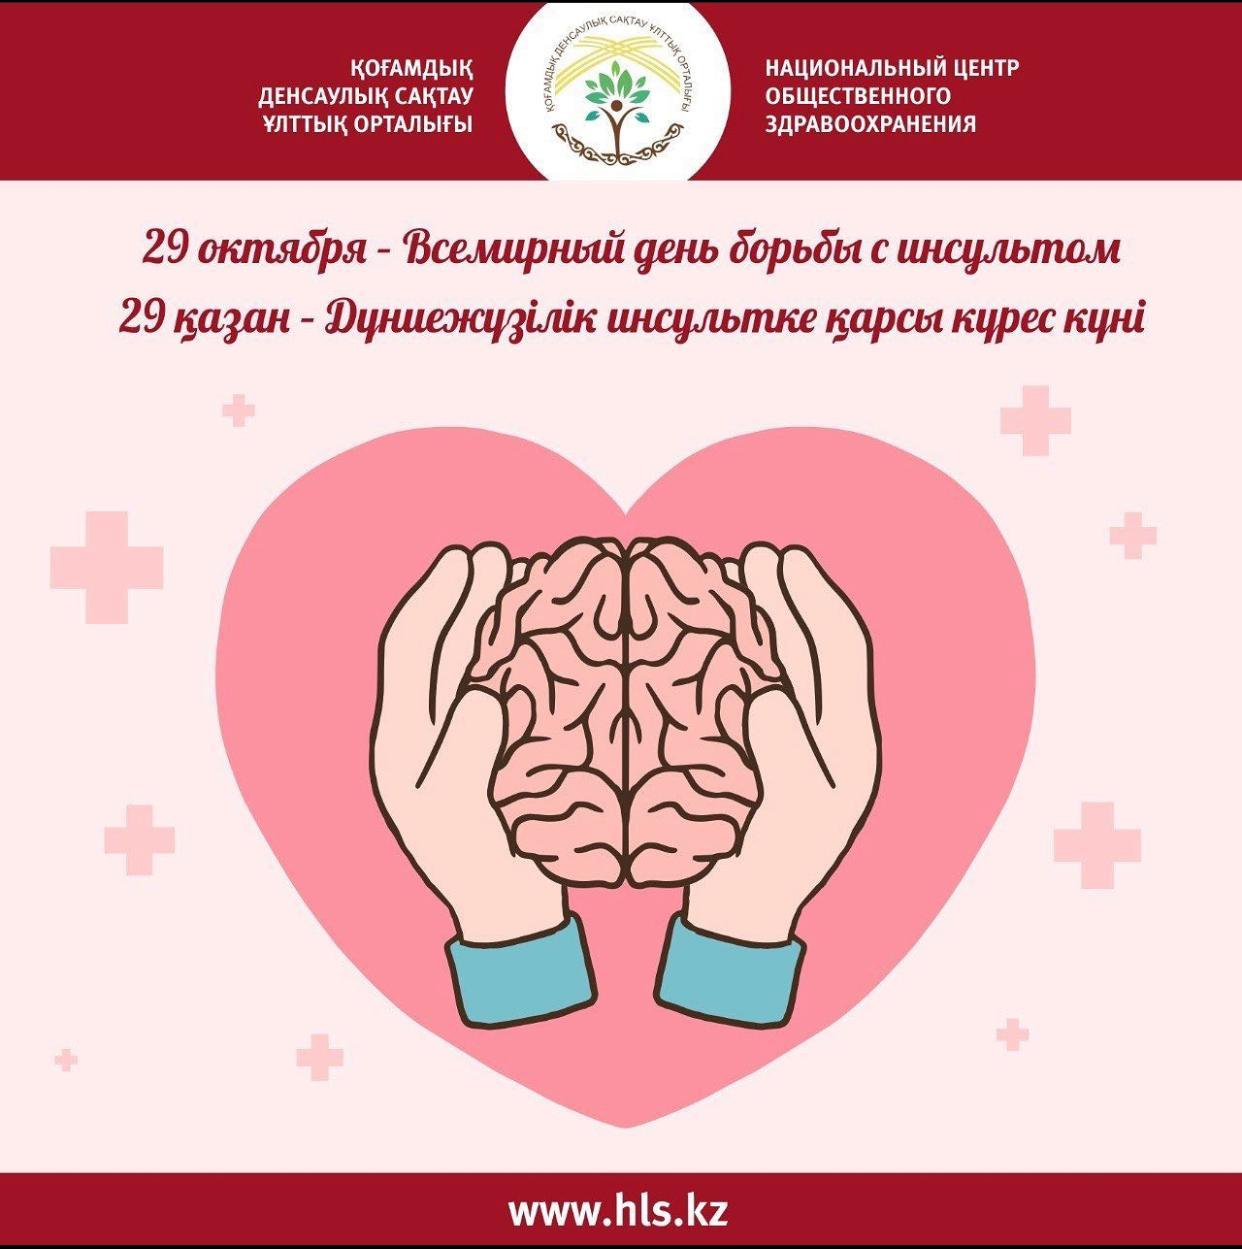 29 октября- Всемирный день борьбы с инсультом